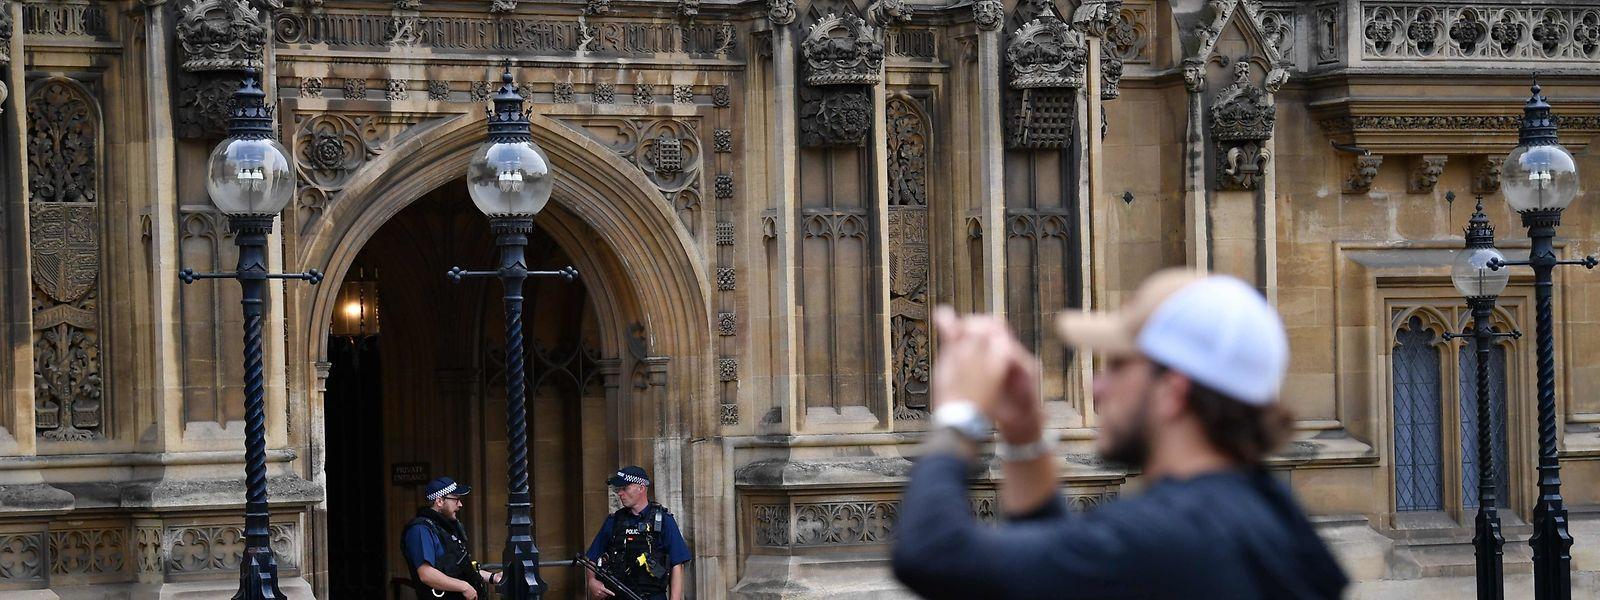 La rentrée parlementaire est prévue mardi. Les députés ne siègeront donc que quelques jours avant une suspension jusqu'au 14 octobre.